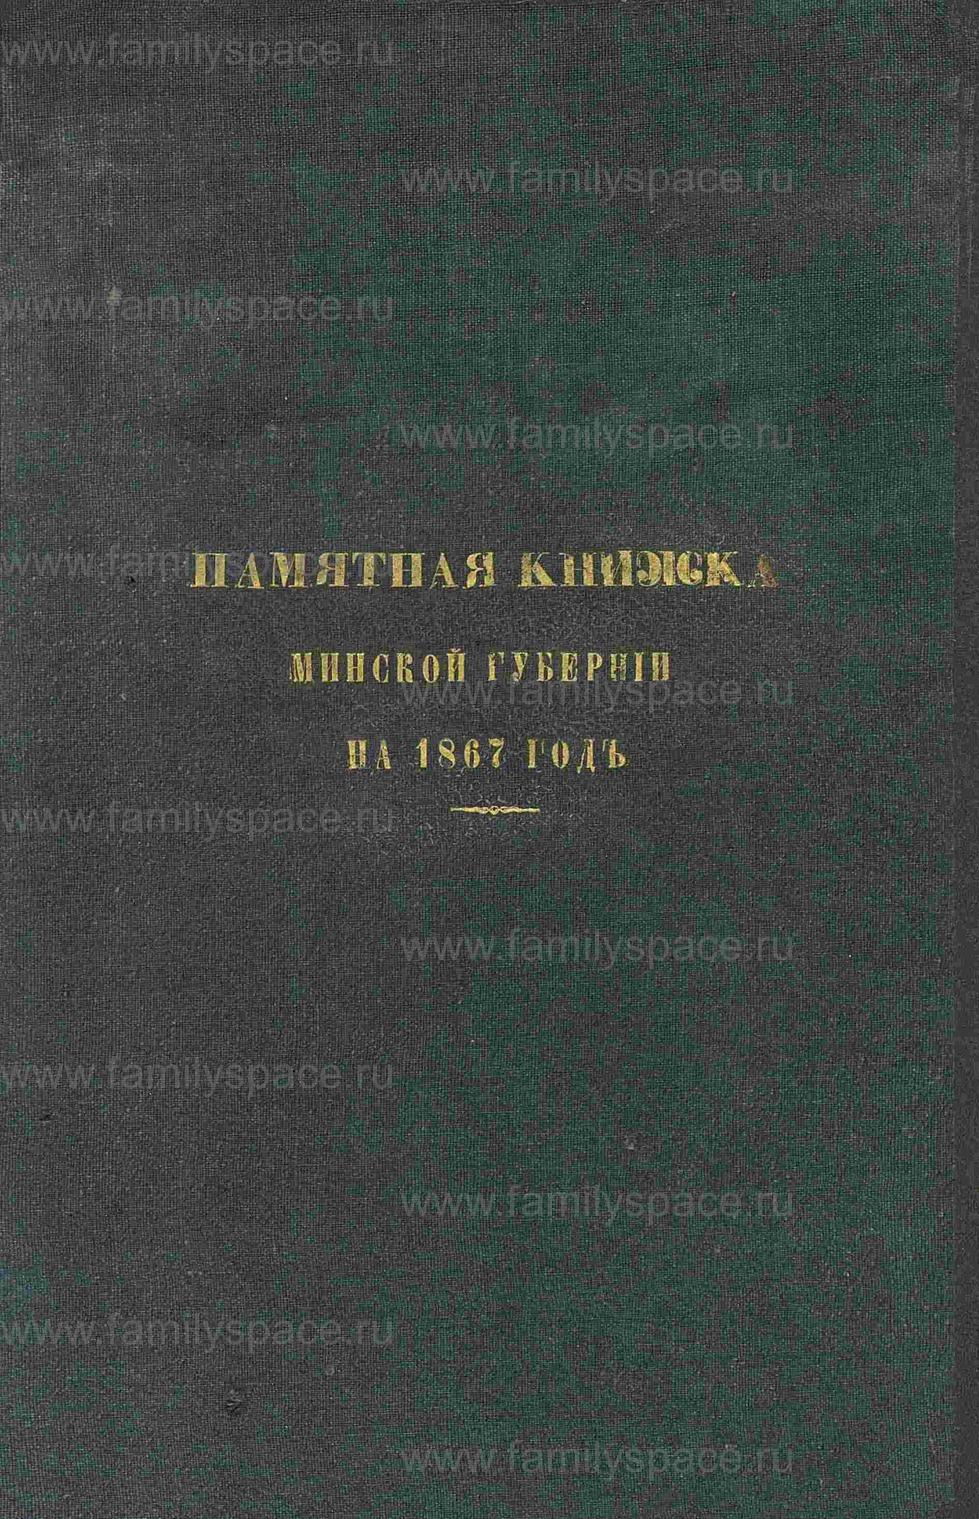 Поиск по фамилии - Памятная книжка Минской губернии на 1867 год, страница 1